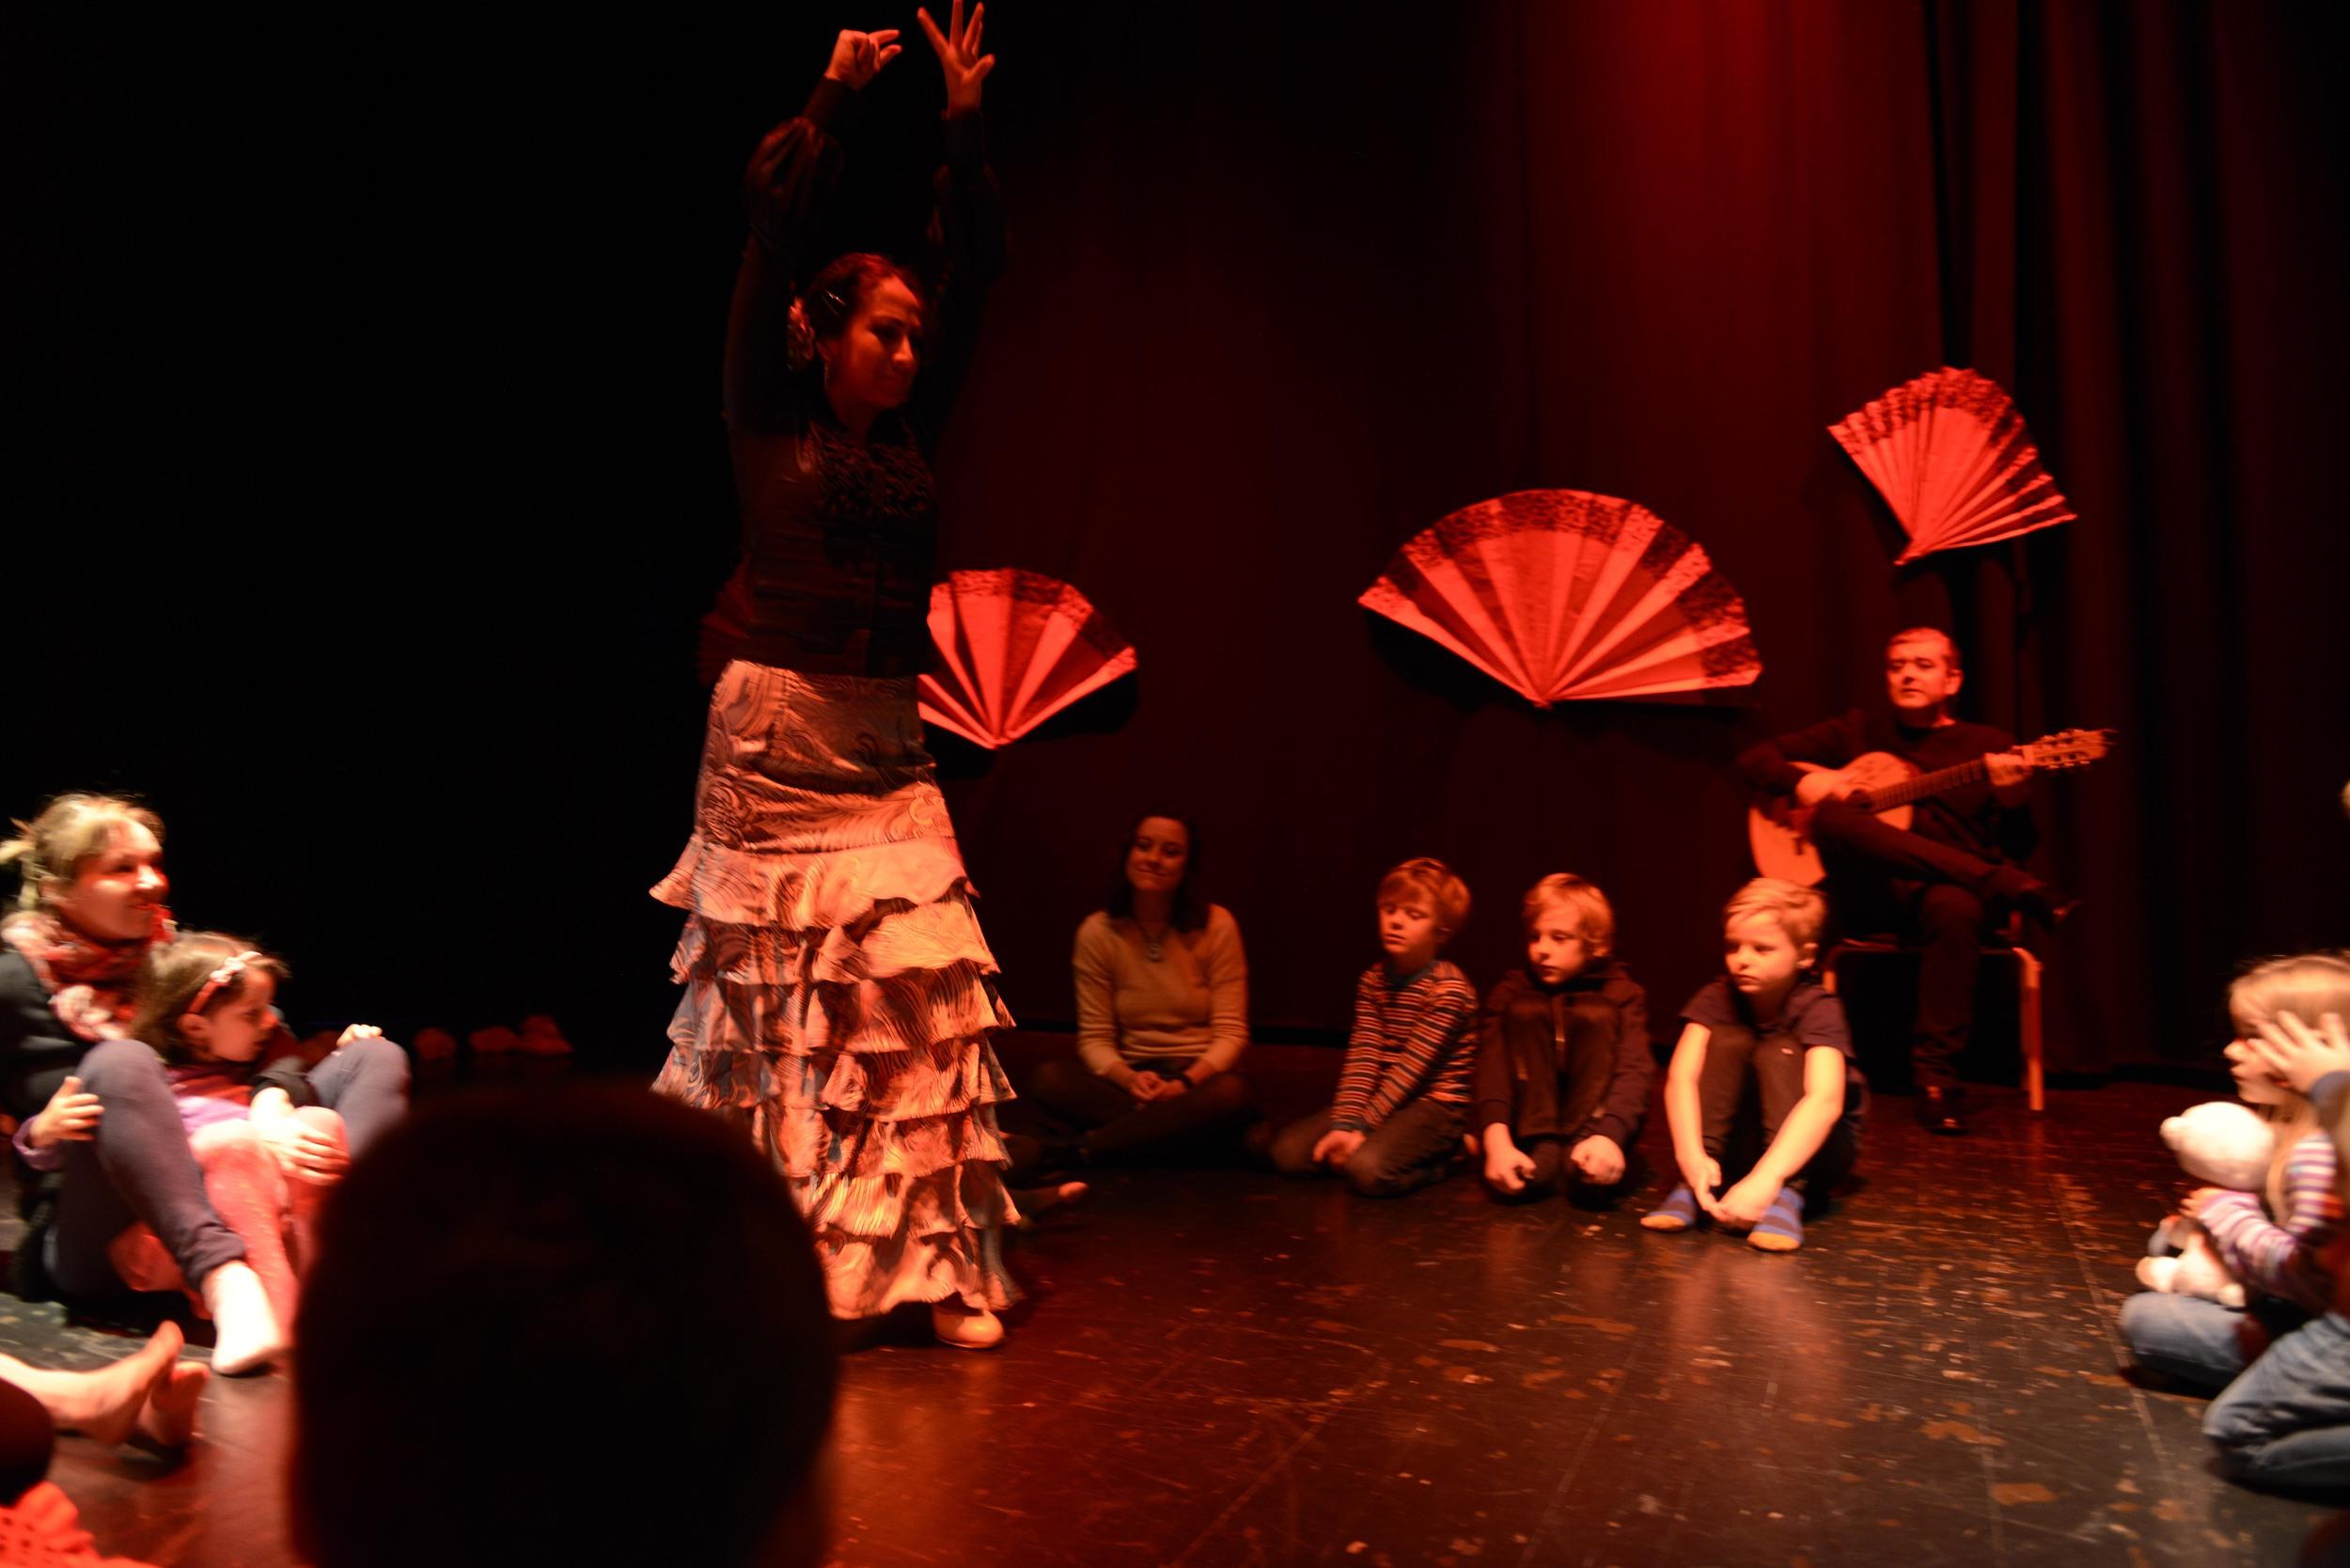 Flamenco_ARU0398 (4).JPG